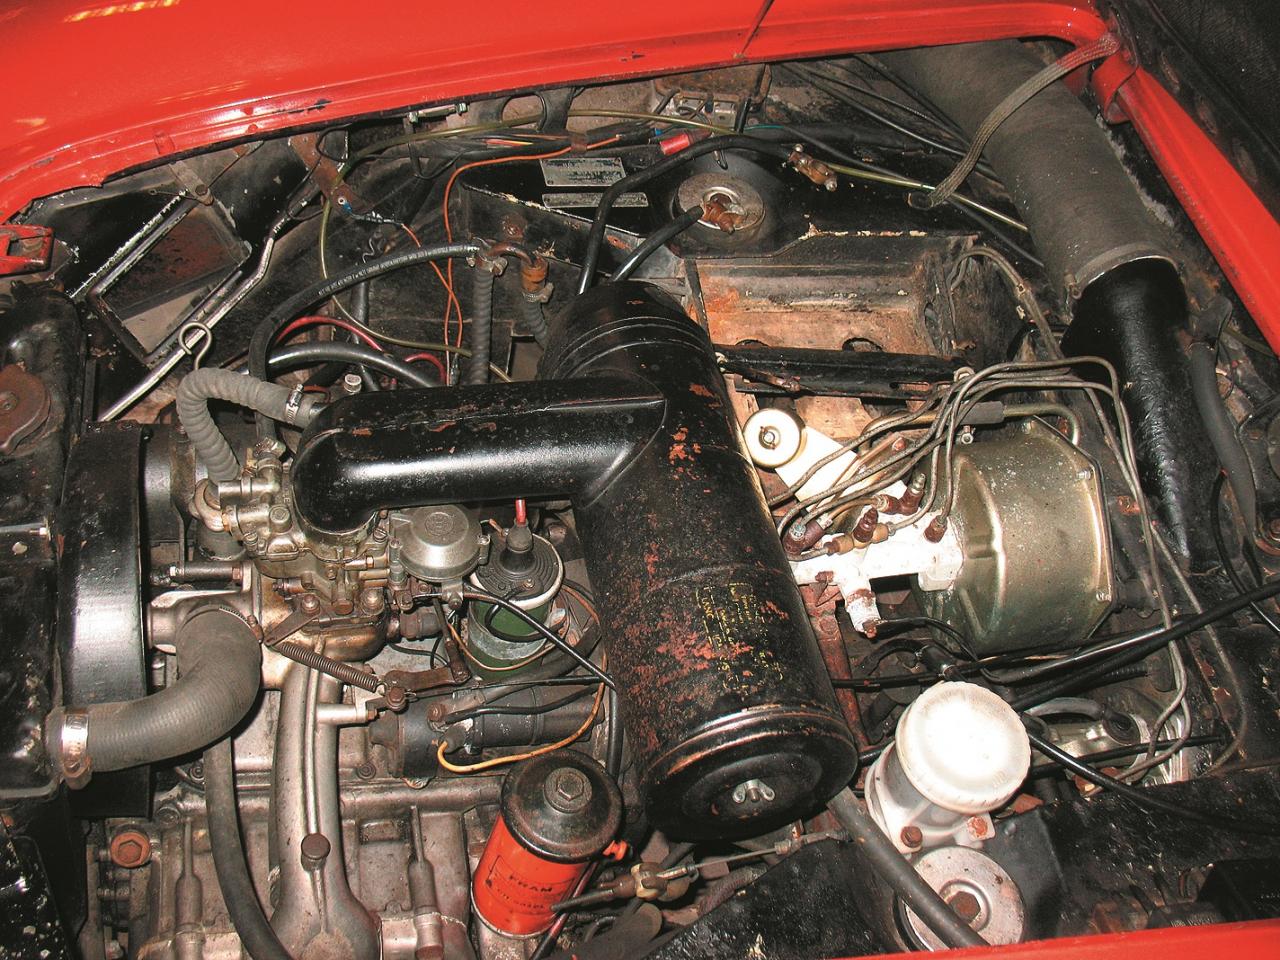 Četrcilindru 1,8 litru bokserdzinēja atrašanās vietu var noteikt pēc gaisa filtra, kurš stiprināts uz divsekciju SOLEX tipa karburatora. Auto priekšdaļā pārnesumu kārba ar dzenošajām asīm.